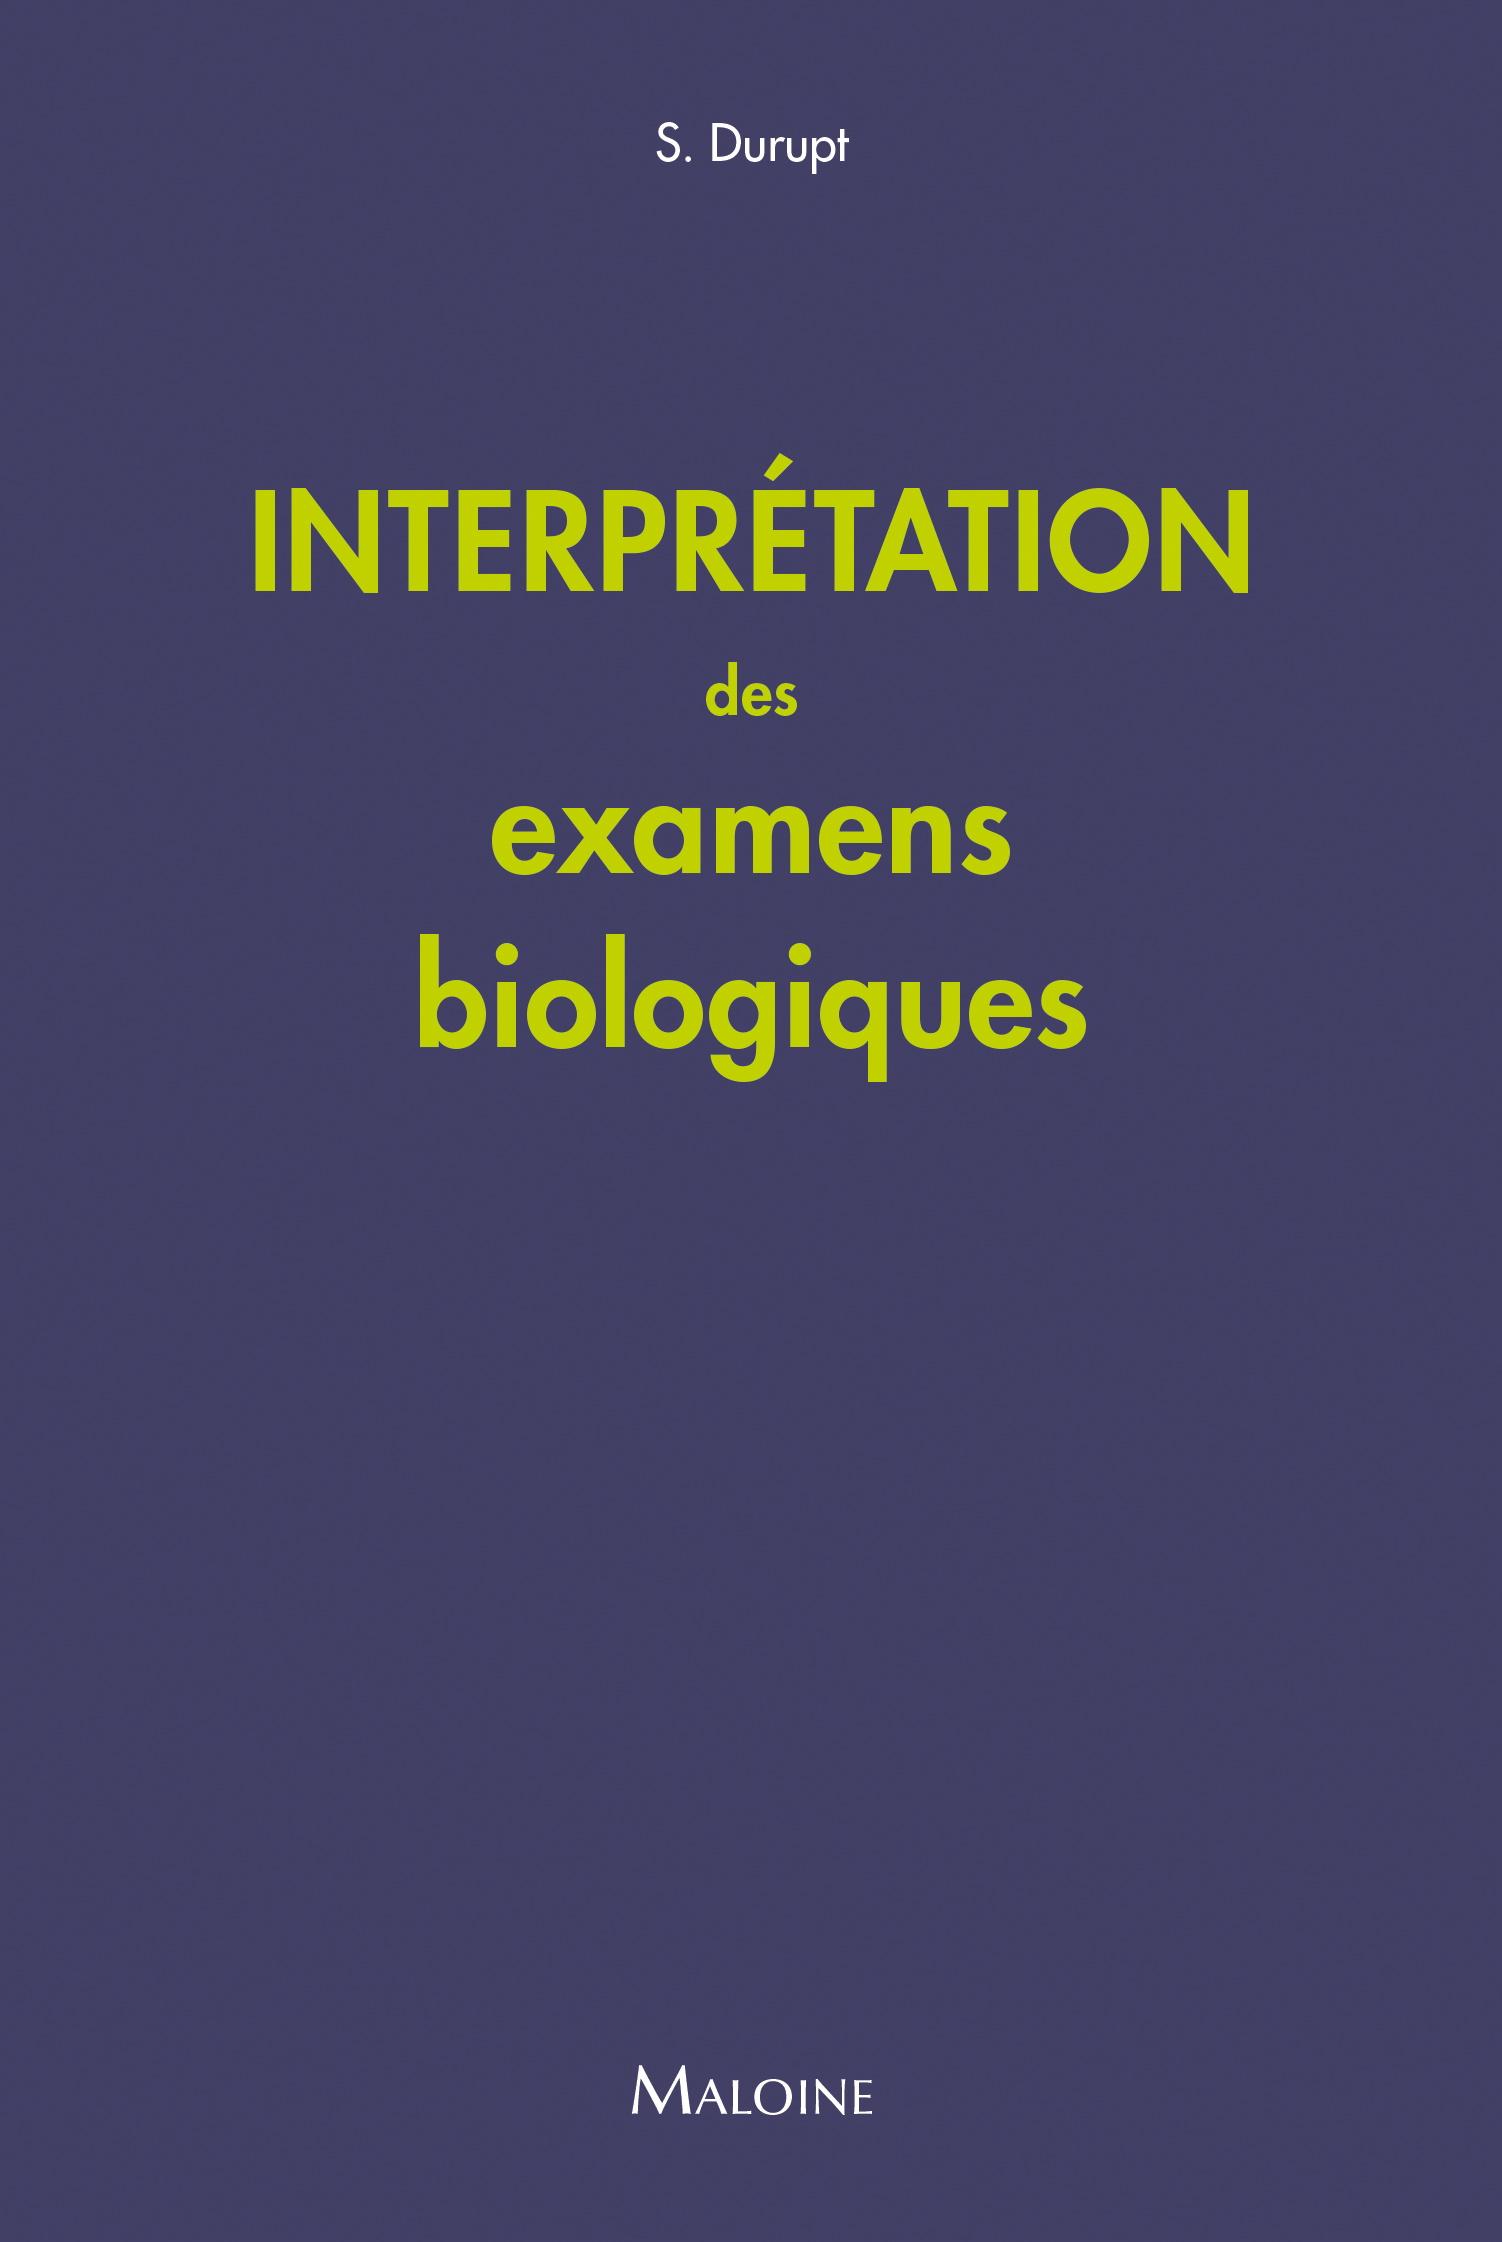 Interprétation des examens biologiques